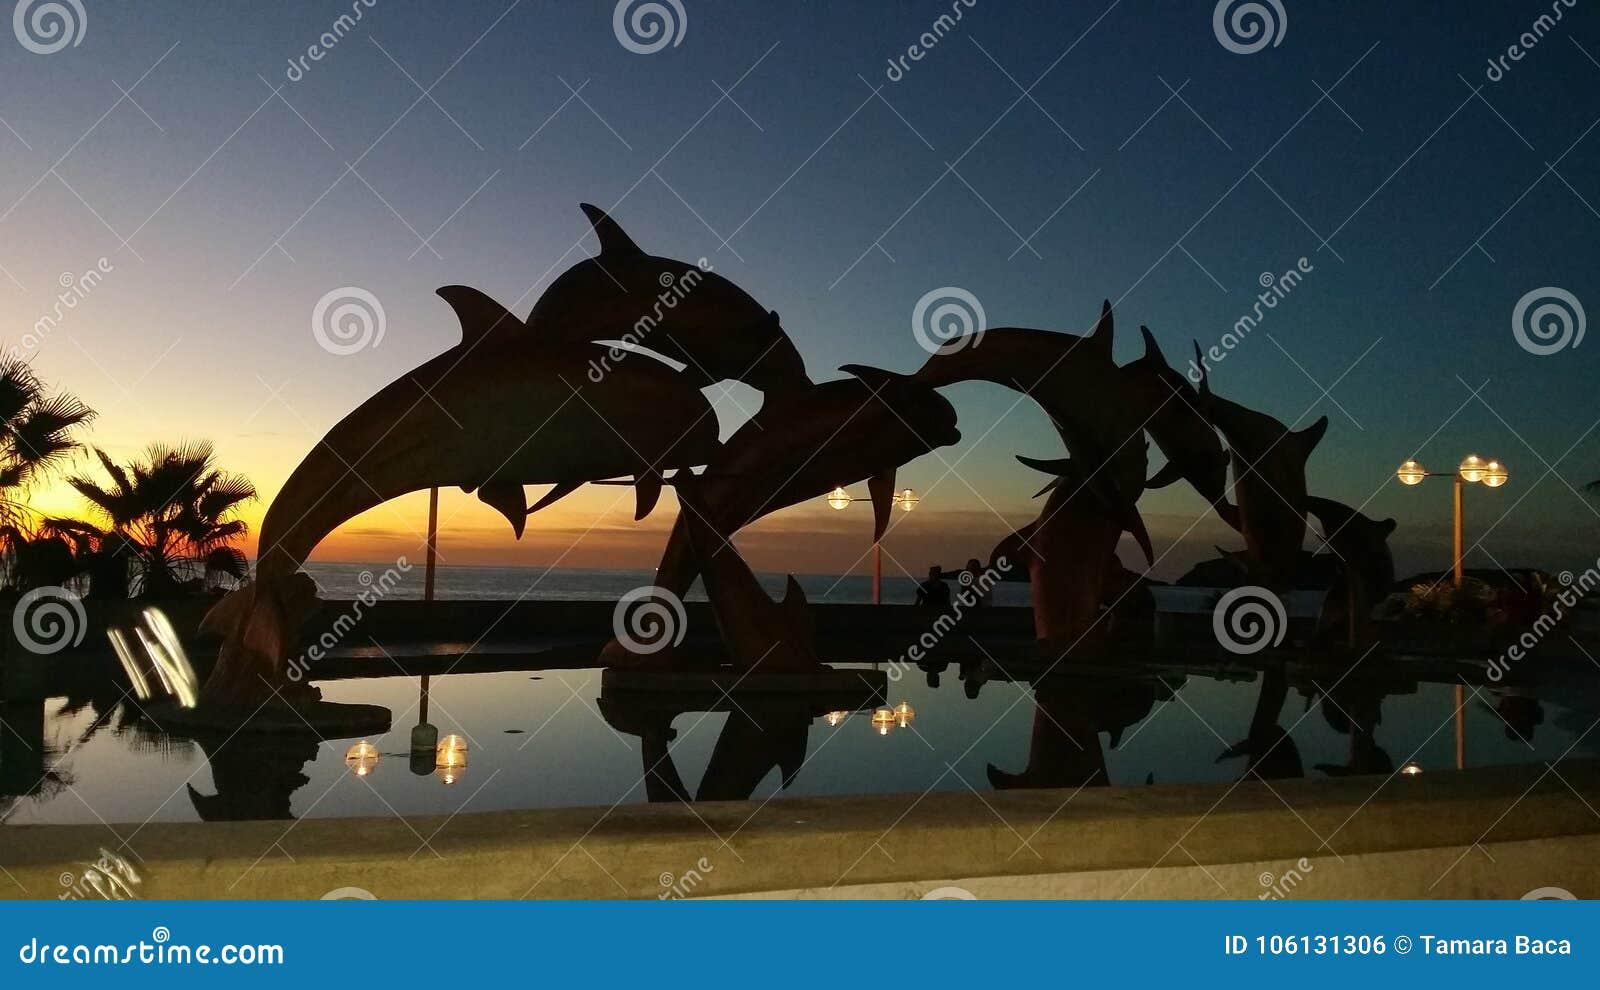 EL Delfin, malecon